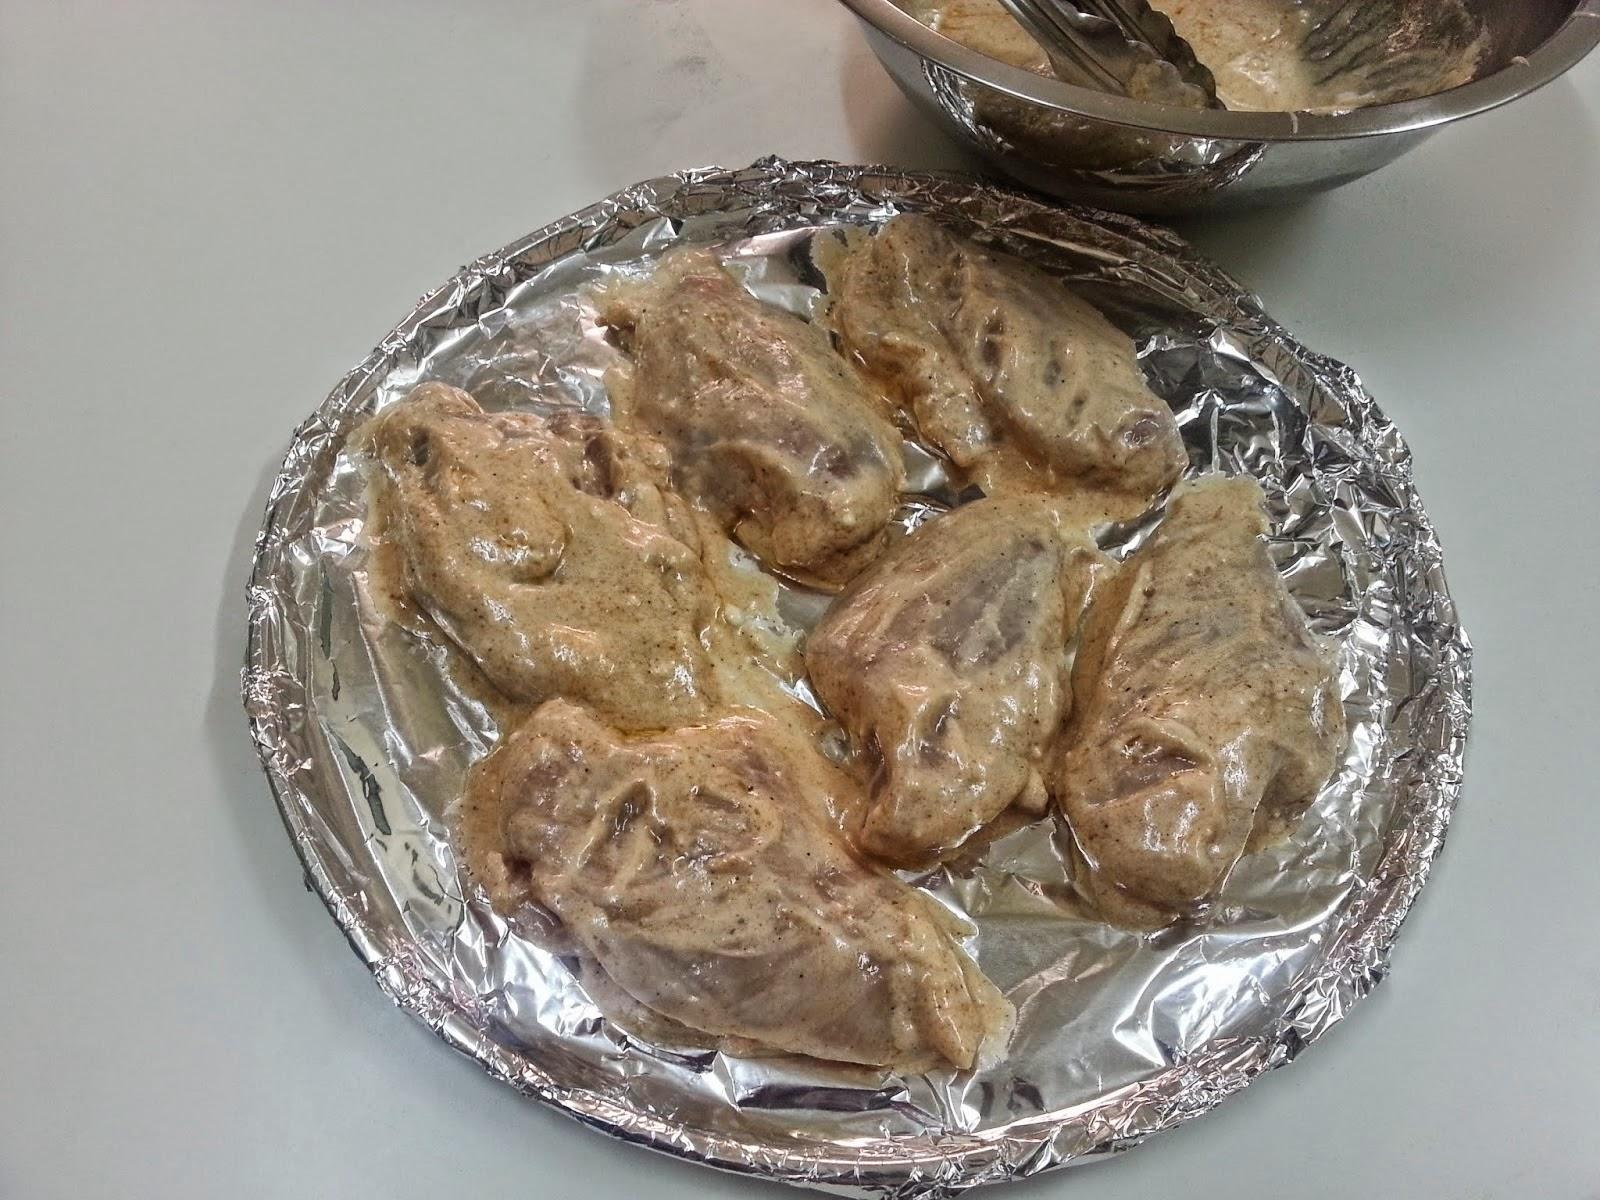 طريقة عمل الشاورما على طريقتي وطريقة عمل خبز التورتيلا للشاورما بالصور